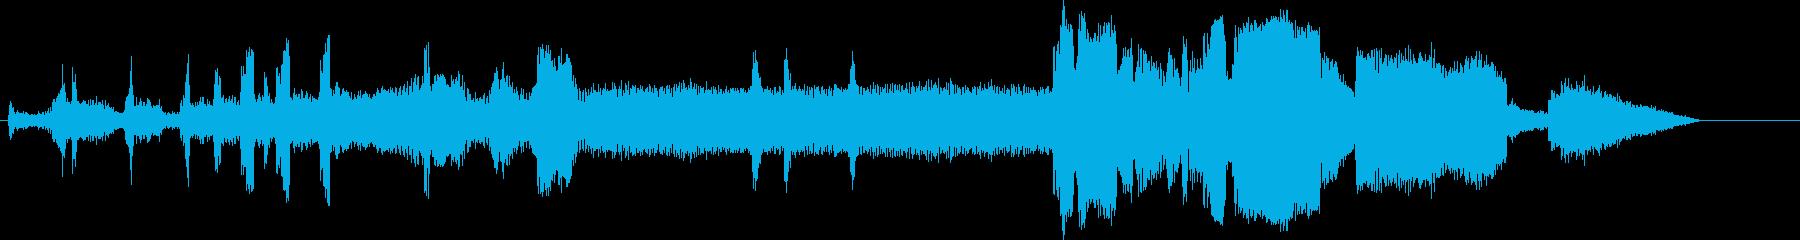 トラック;イン/リバース/アウェイ...の再生済みの波形